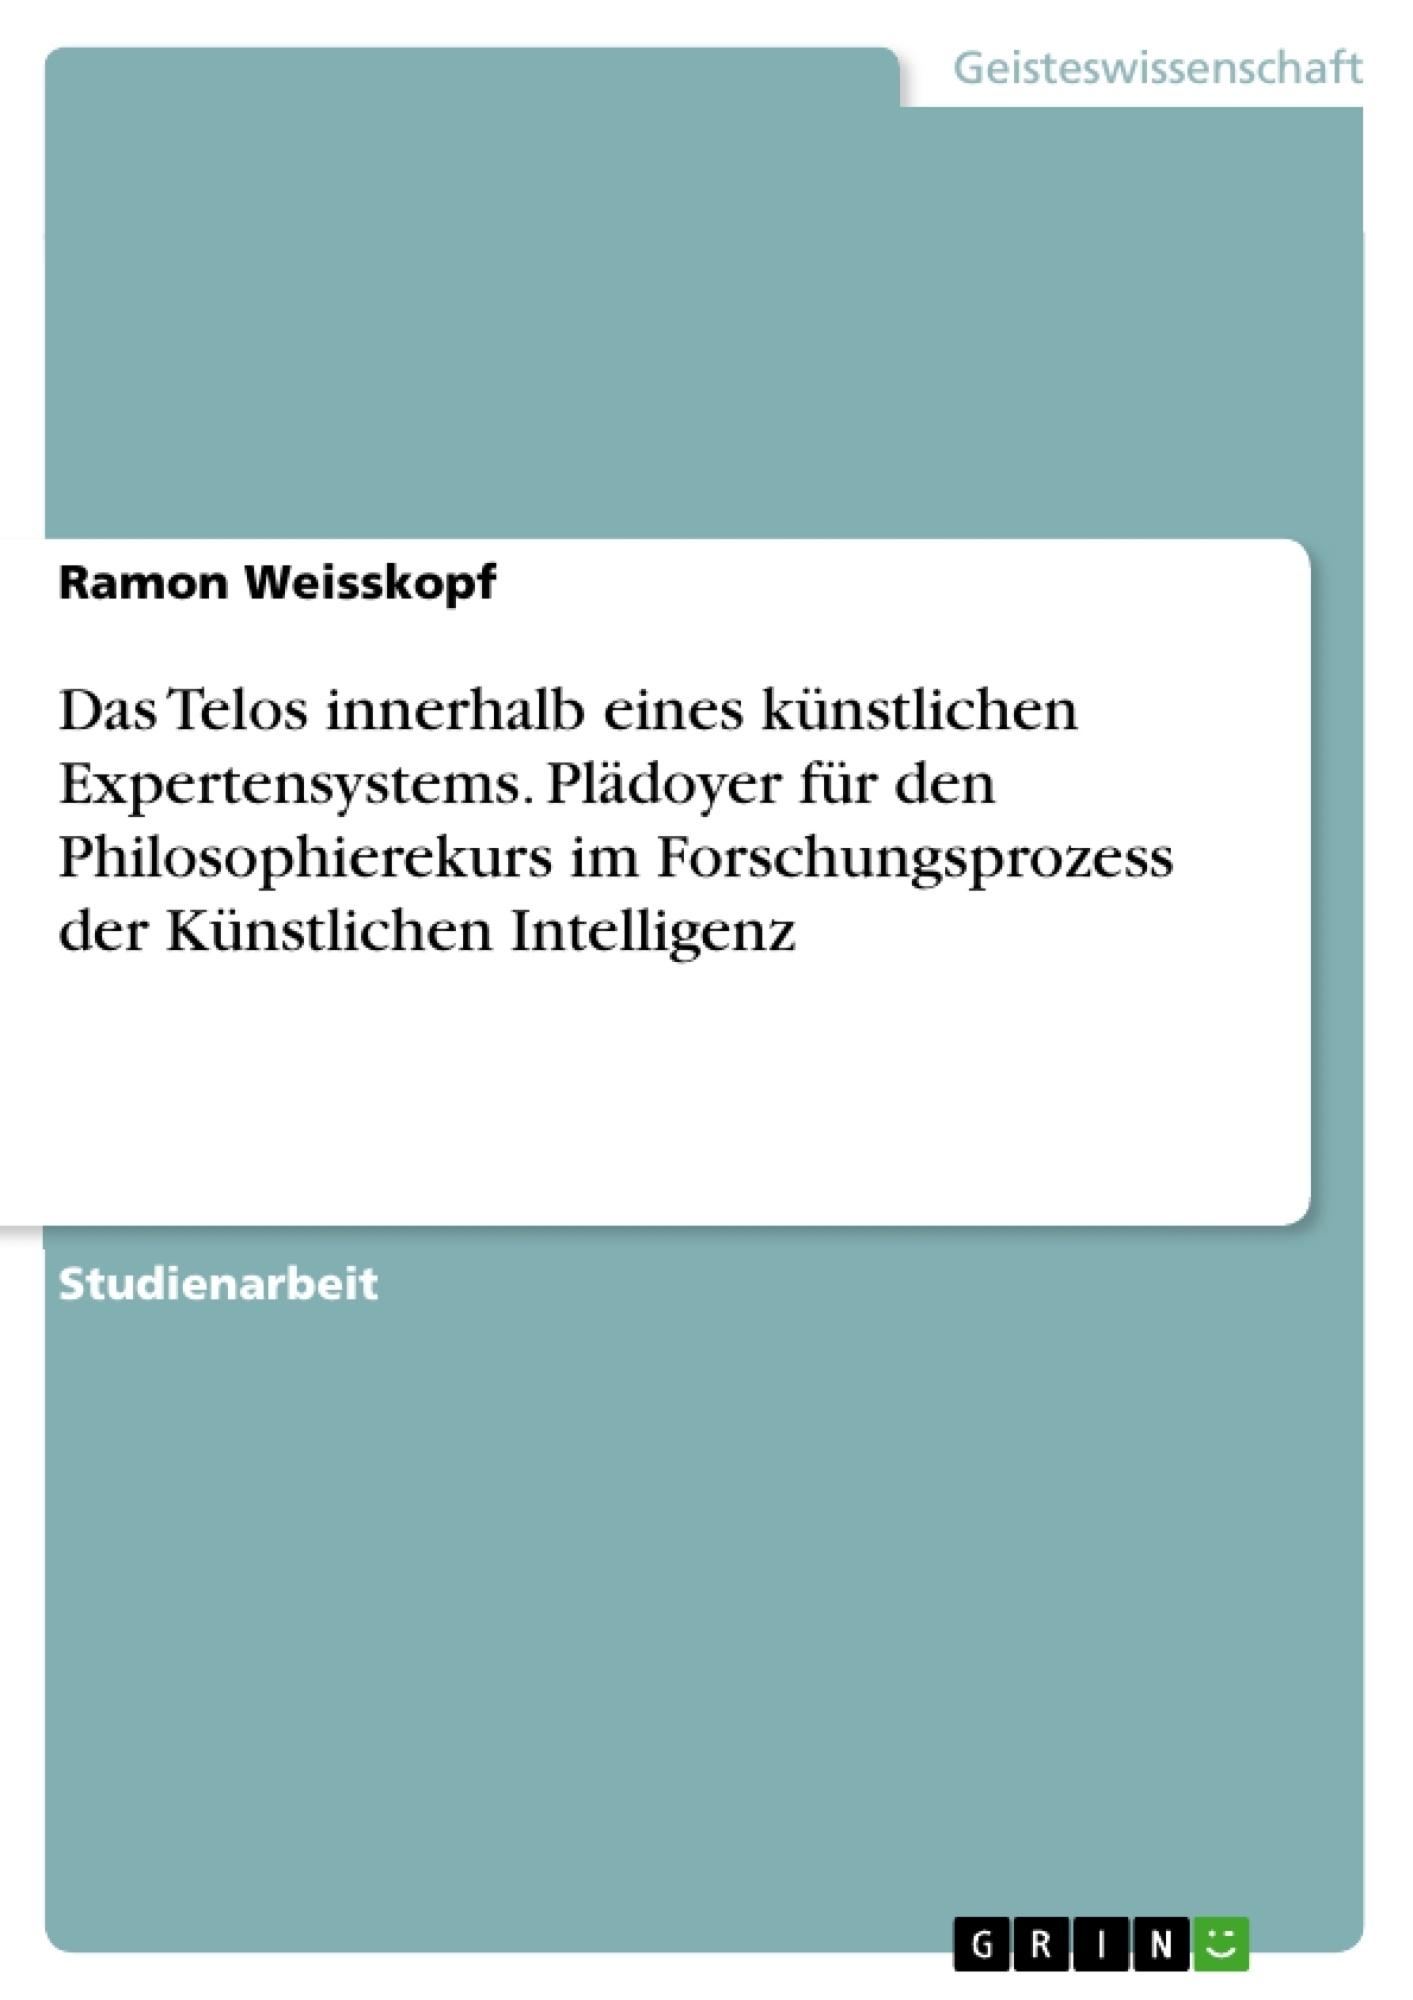 Titel: Das Telos innerhalb eines künstlichen Expertensystems. Plädoyer für den Philosophierekurs im Forschungsprozess der Künstlichen Intelligenz